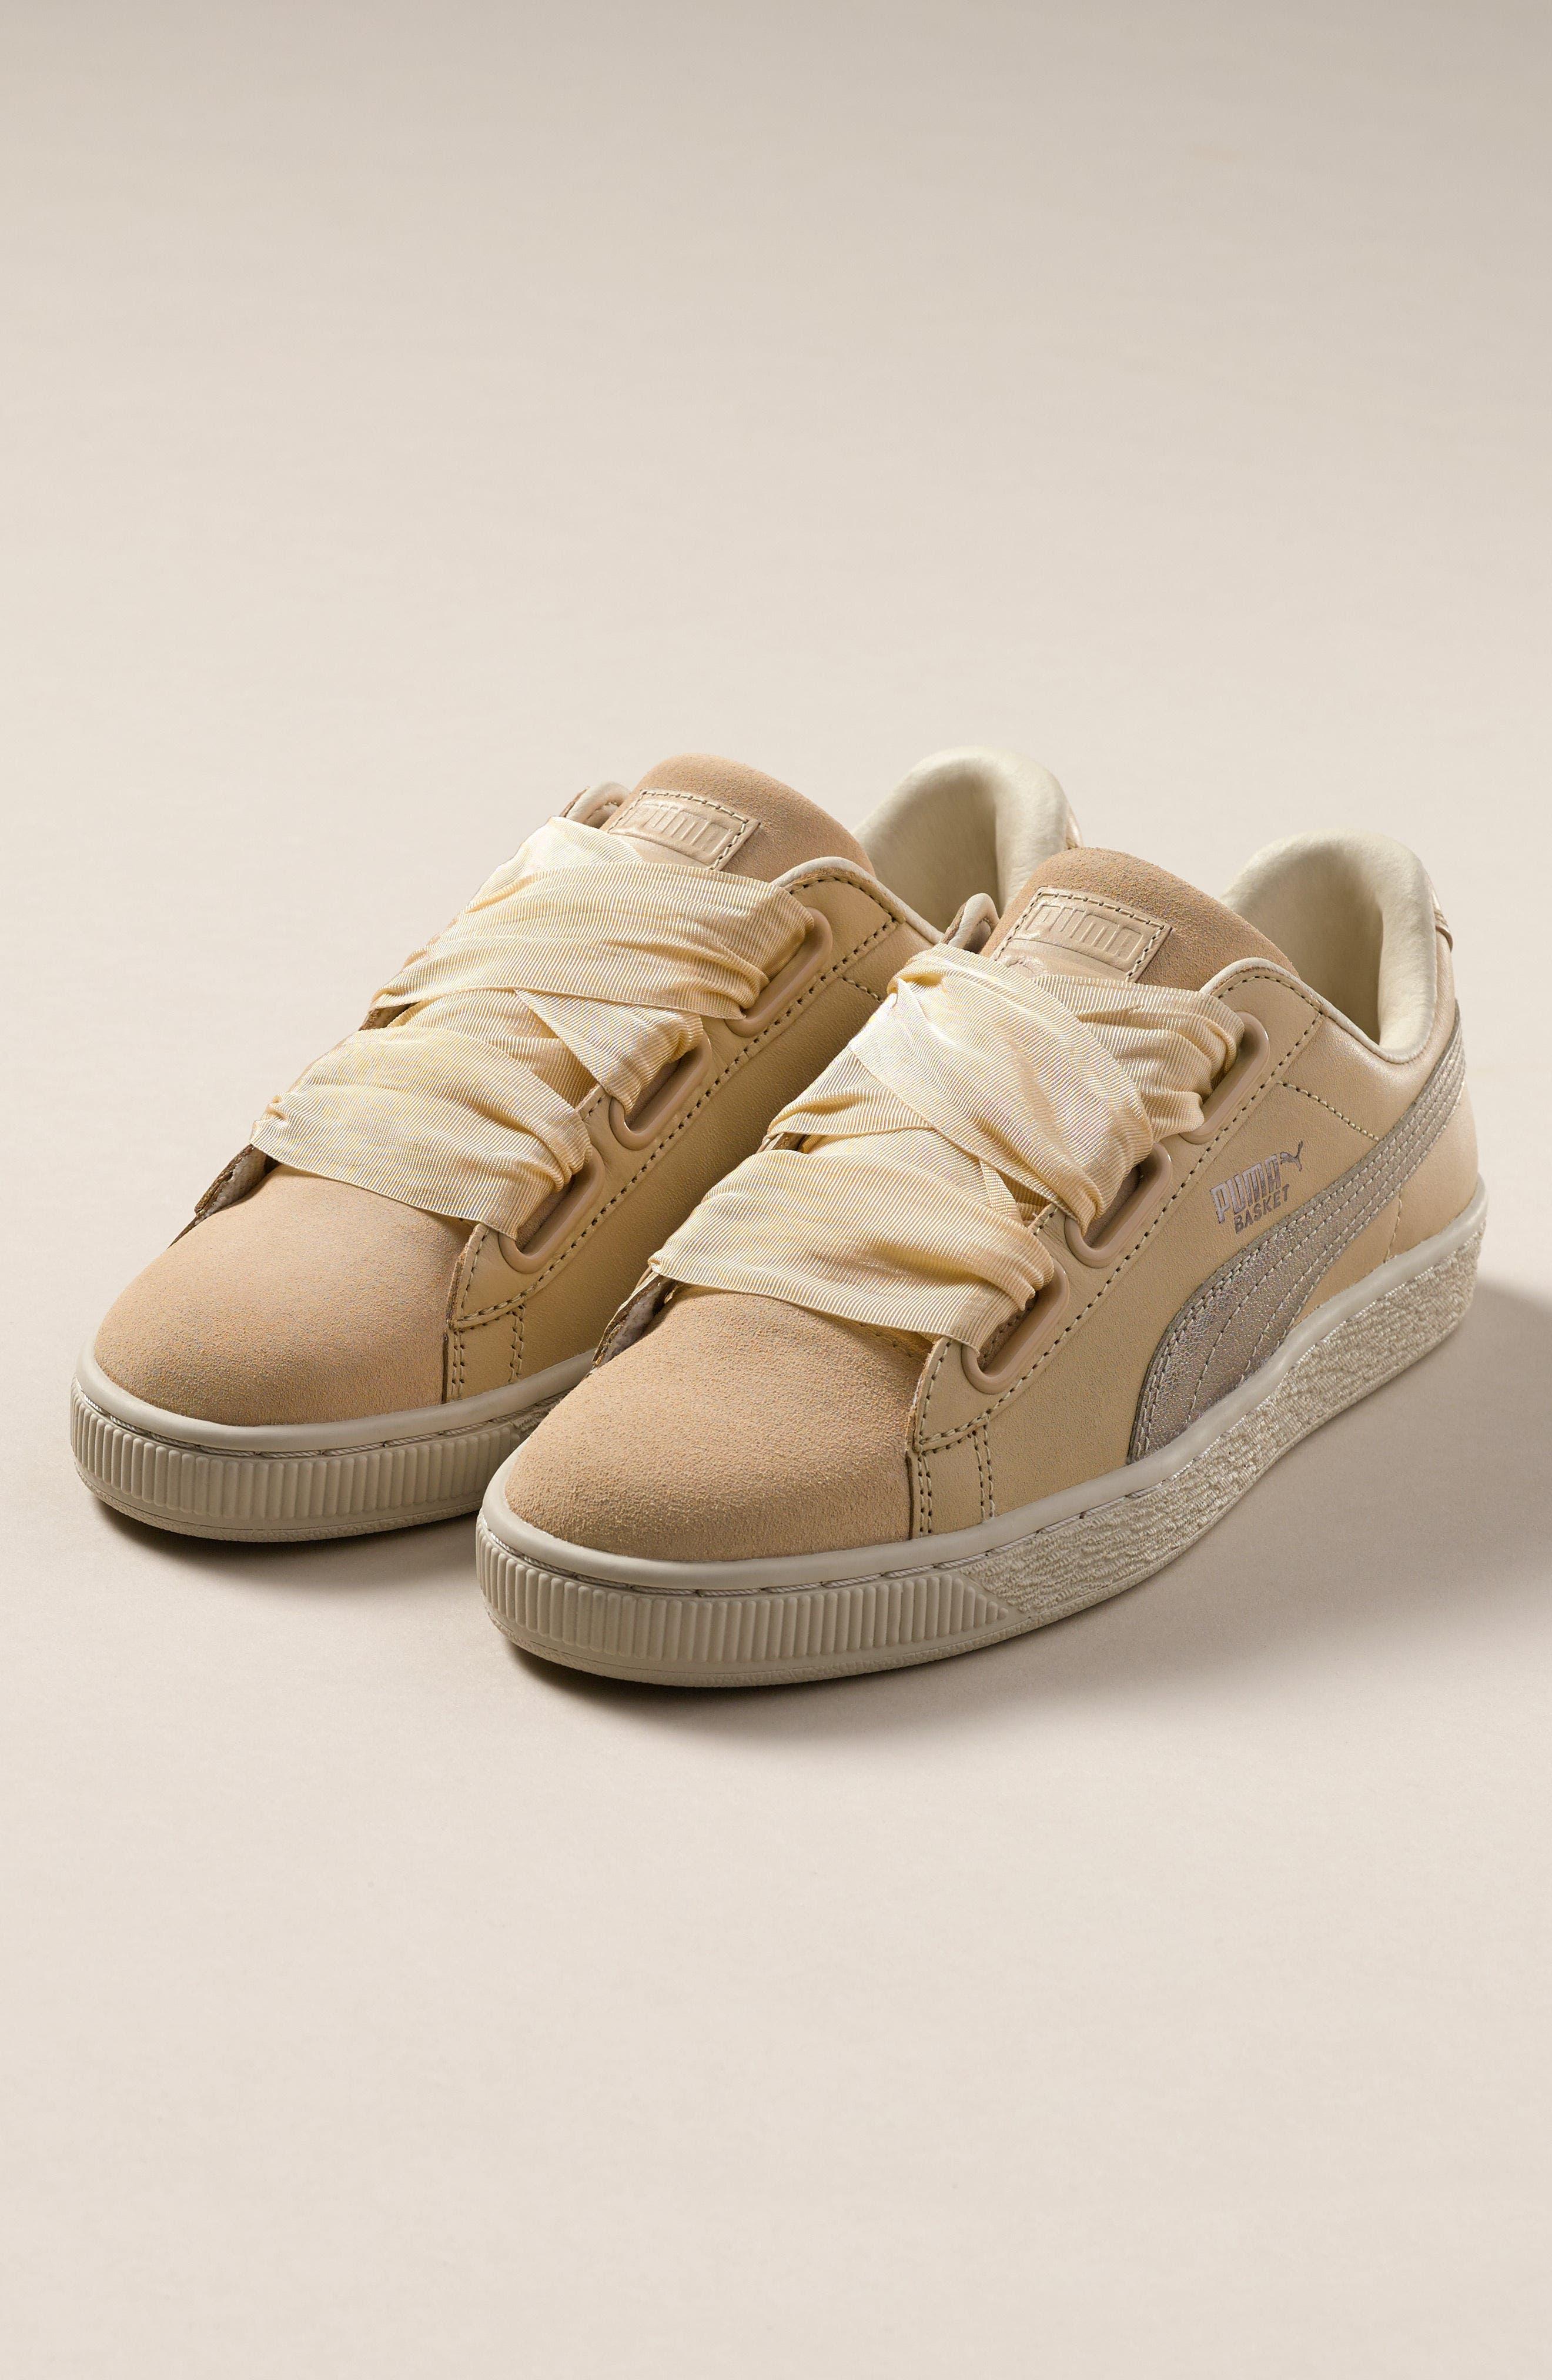 Basket Heart Sneaker,                             Alternate thumbnail 9, color,                             WHITE/ ROSE GOLD LEATHER